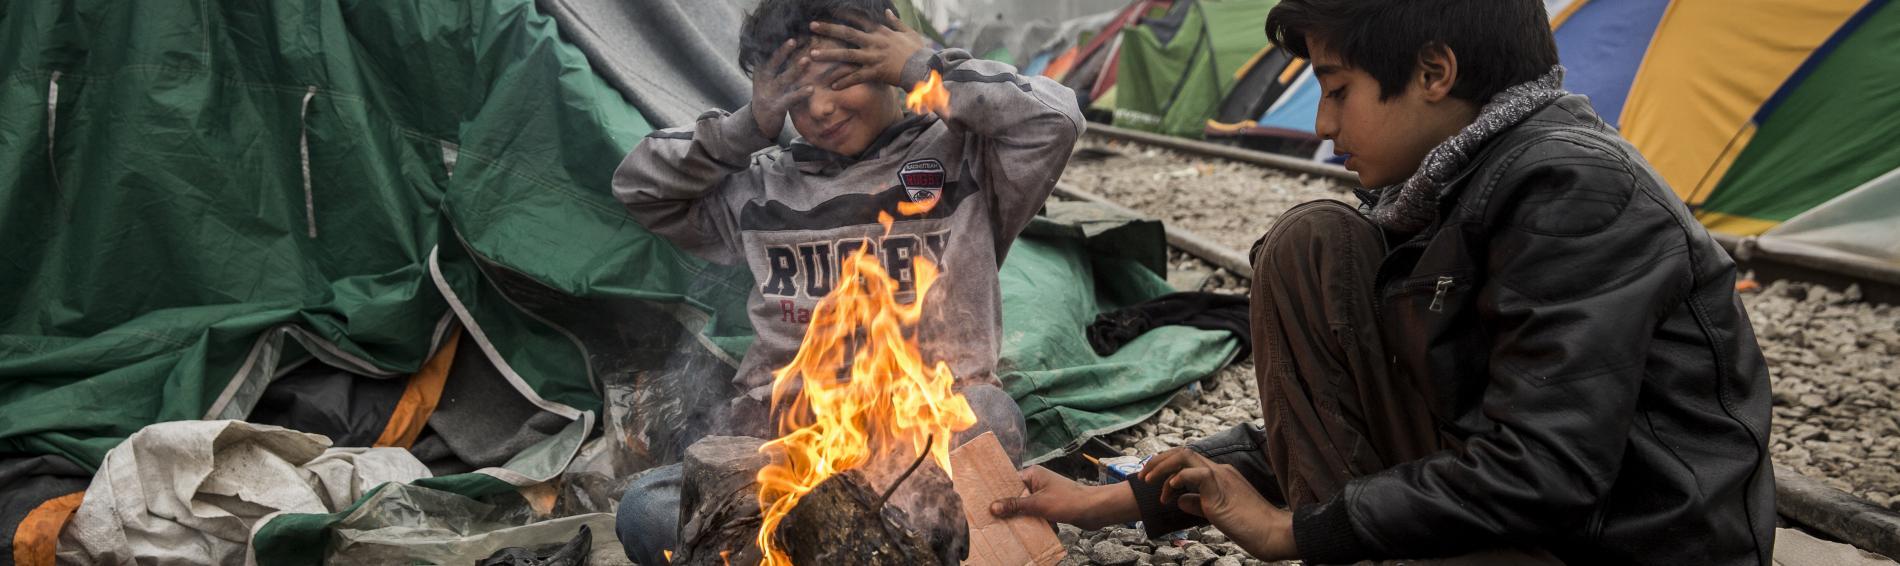 Zwei Kinder wärmen sich im griechischen Flüchtlingscamp Idomeni an einem offenen Feuer. Foto: Olmo Calvo